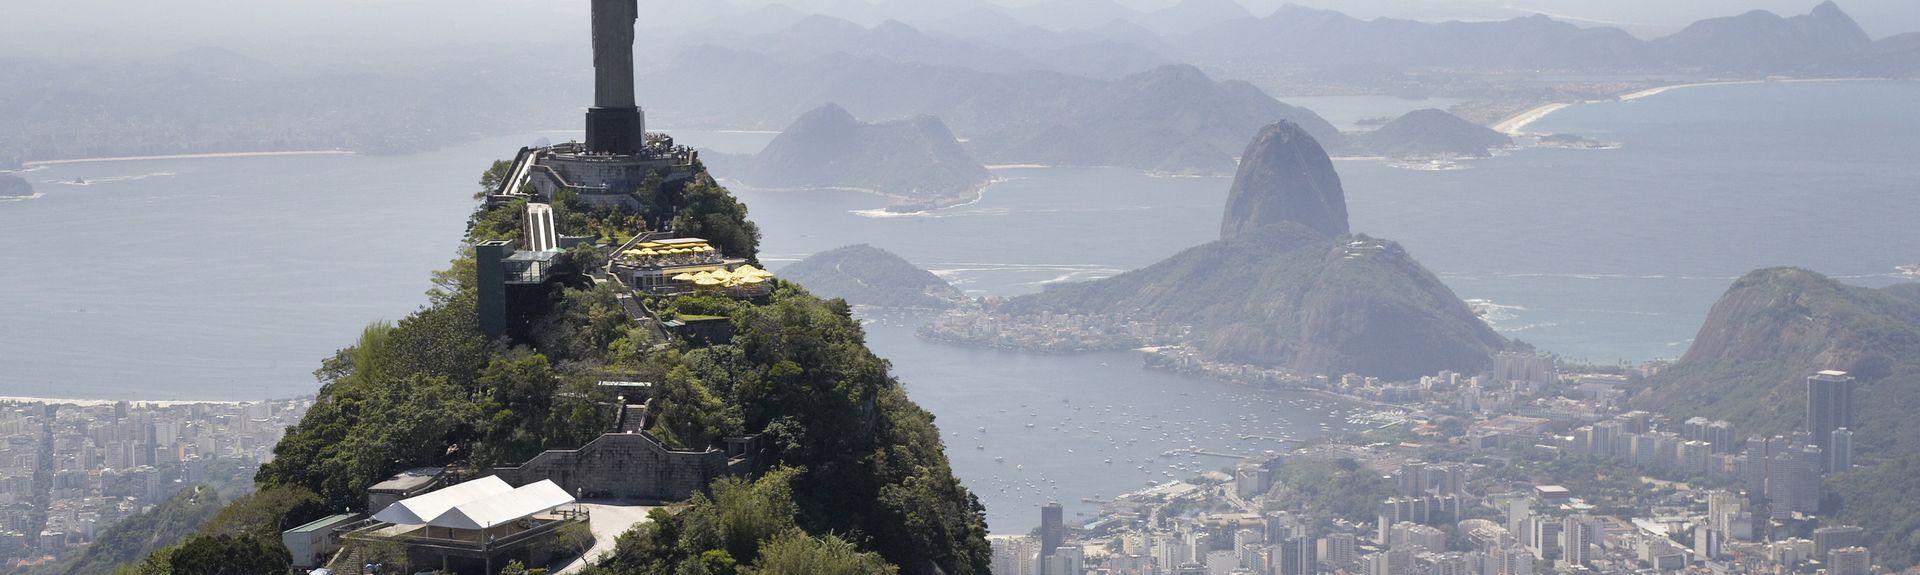 Rio de Janeiro, State of Rio de Janeiro, Brazil